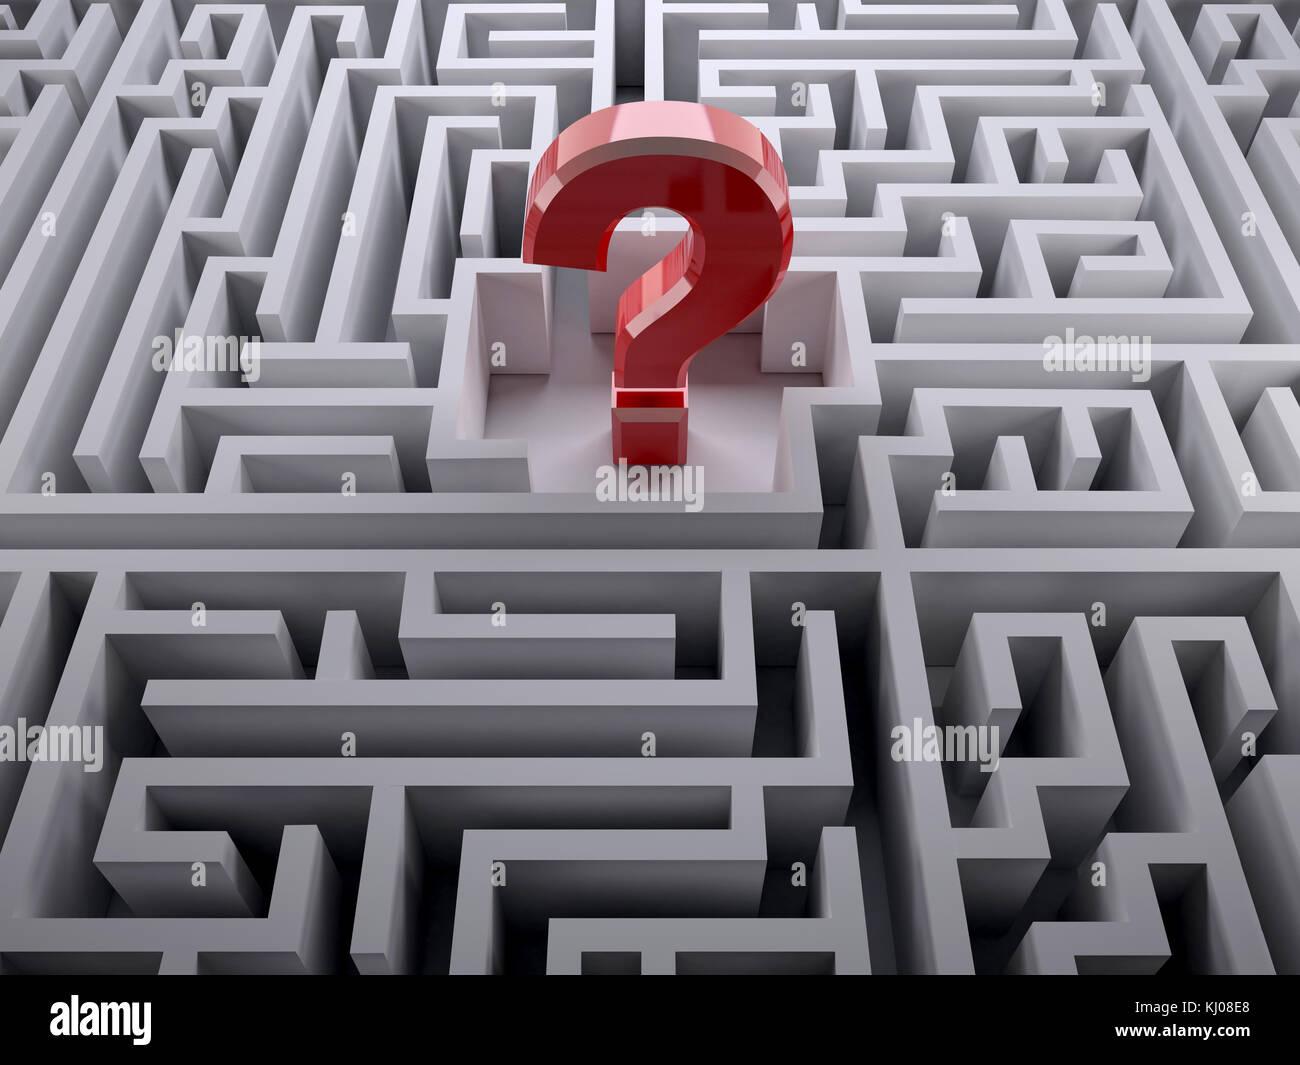 Punto interrogativo rosso all'interno del labirinto, 3d illustrazione Immagini Stock